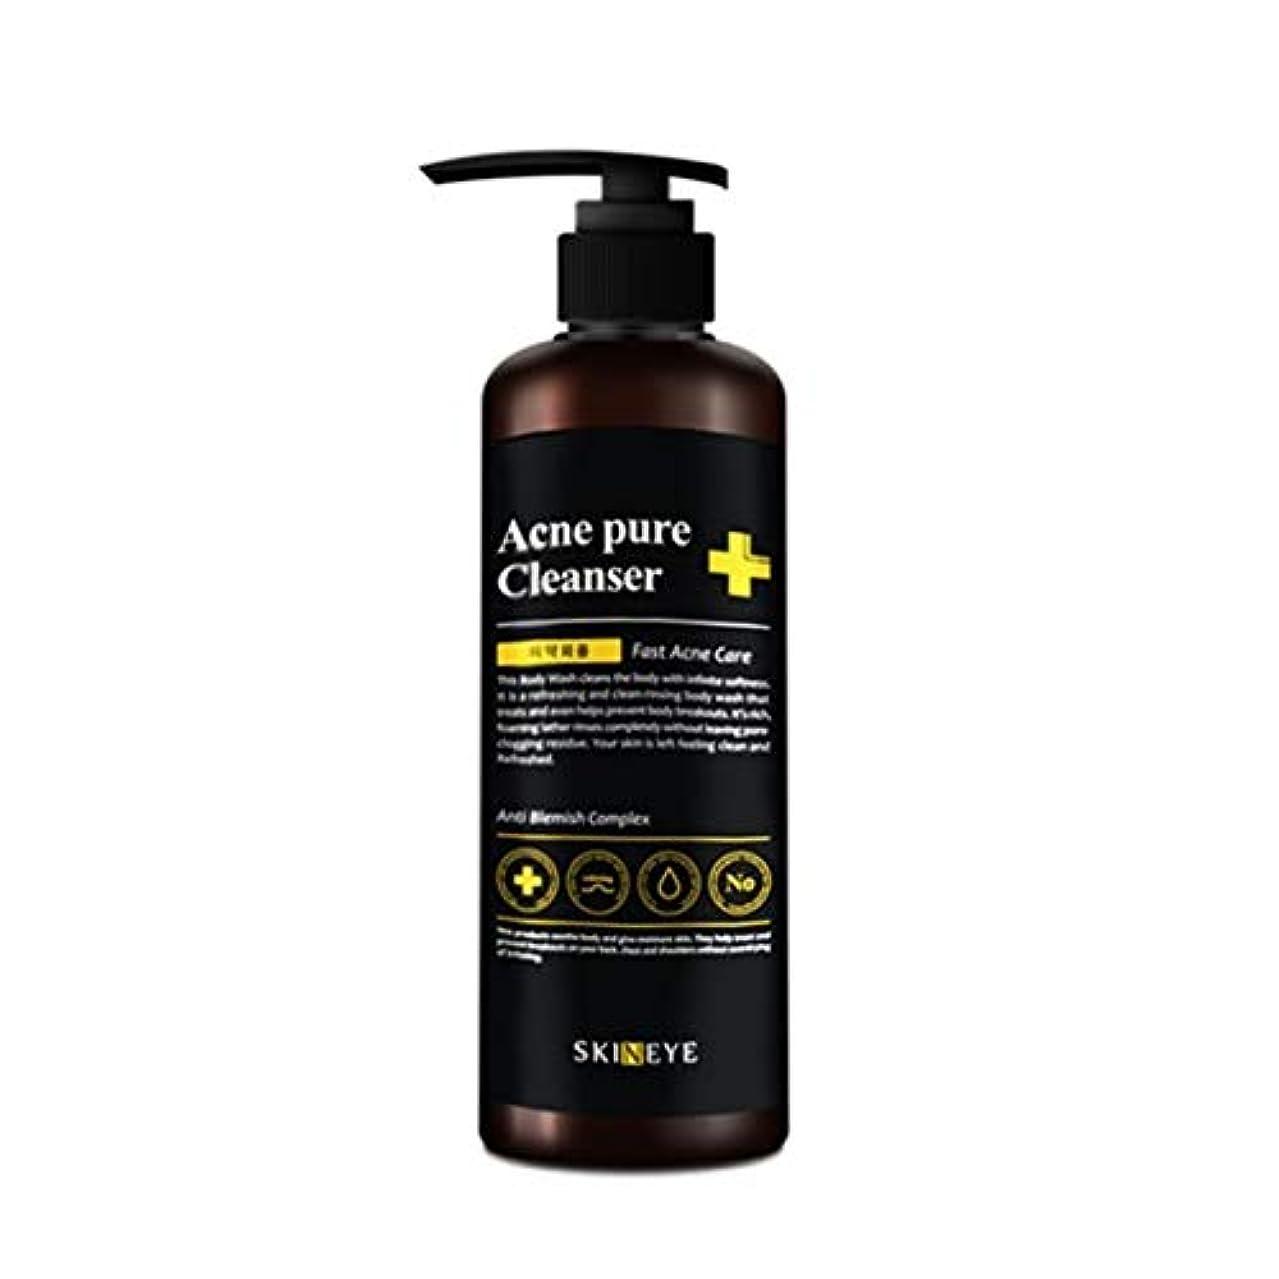 デジタル八キャプテンブライスキンアイアクネピュアクレンザー300mlの老廃物除去、Skineye Acne Pure Cleanser 300ml Waste Removal [並行輸入品]